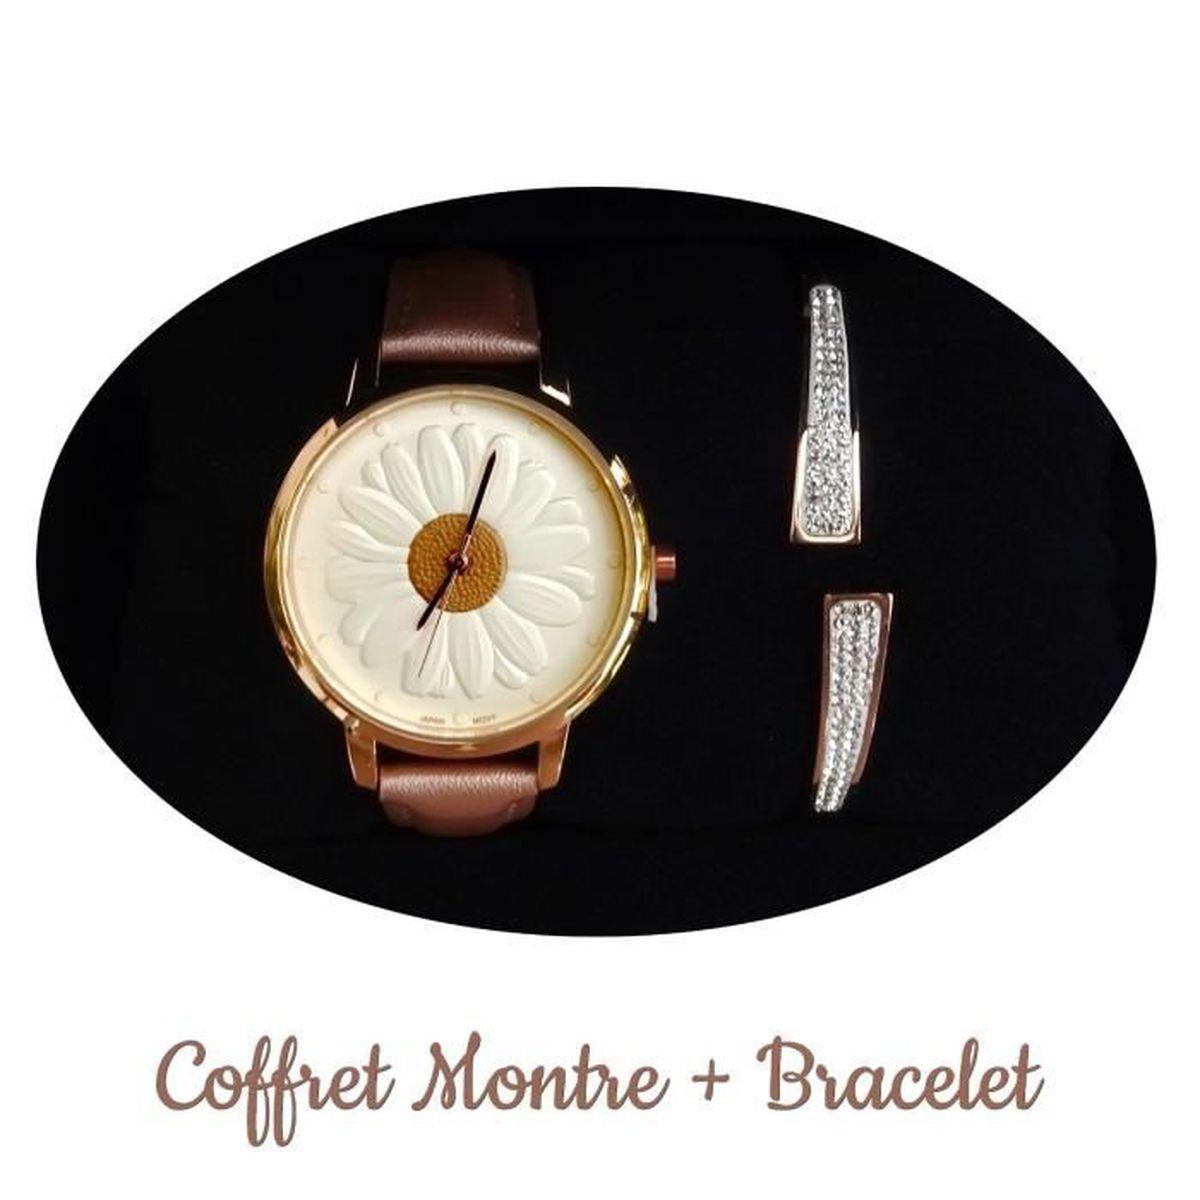 Idee De Cadeau Femme.Coffret Idee Cadeau Femme Montre Bracelet Strass Rosace Fleur Luxe Box Bijoux